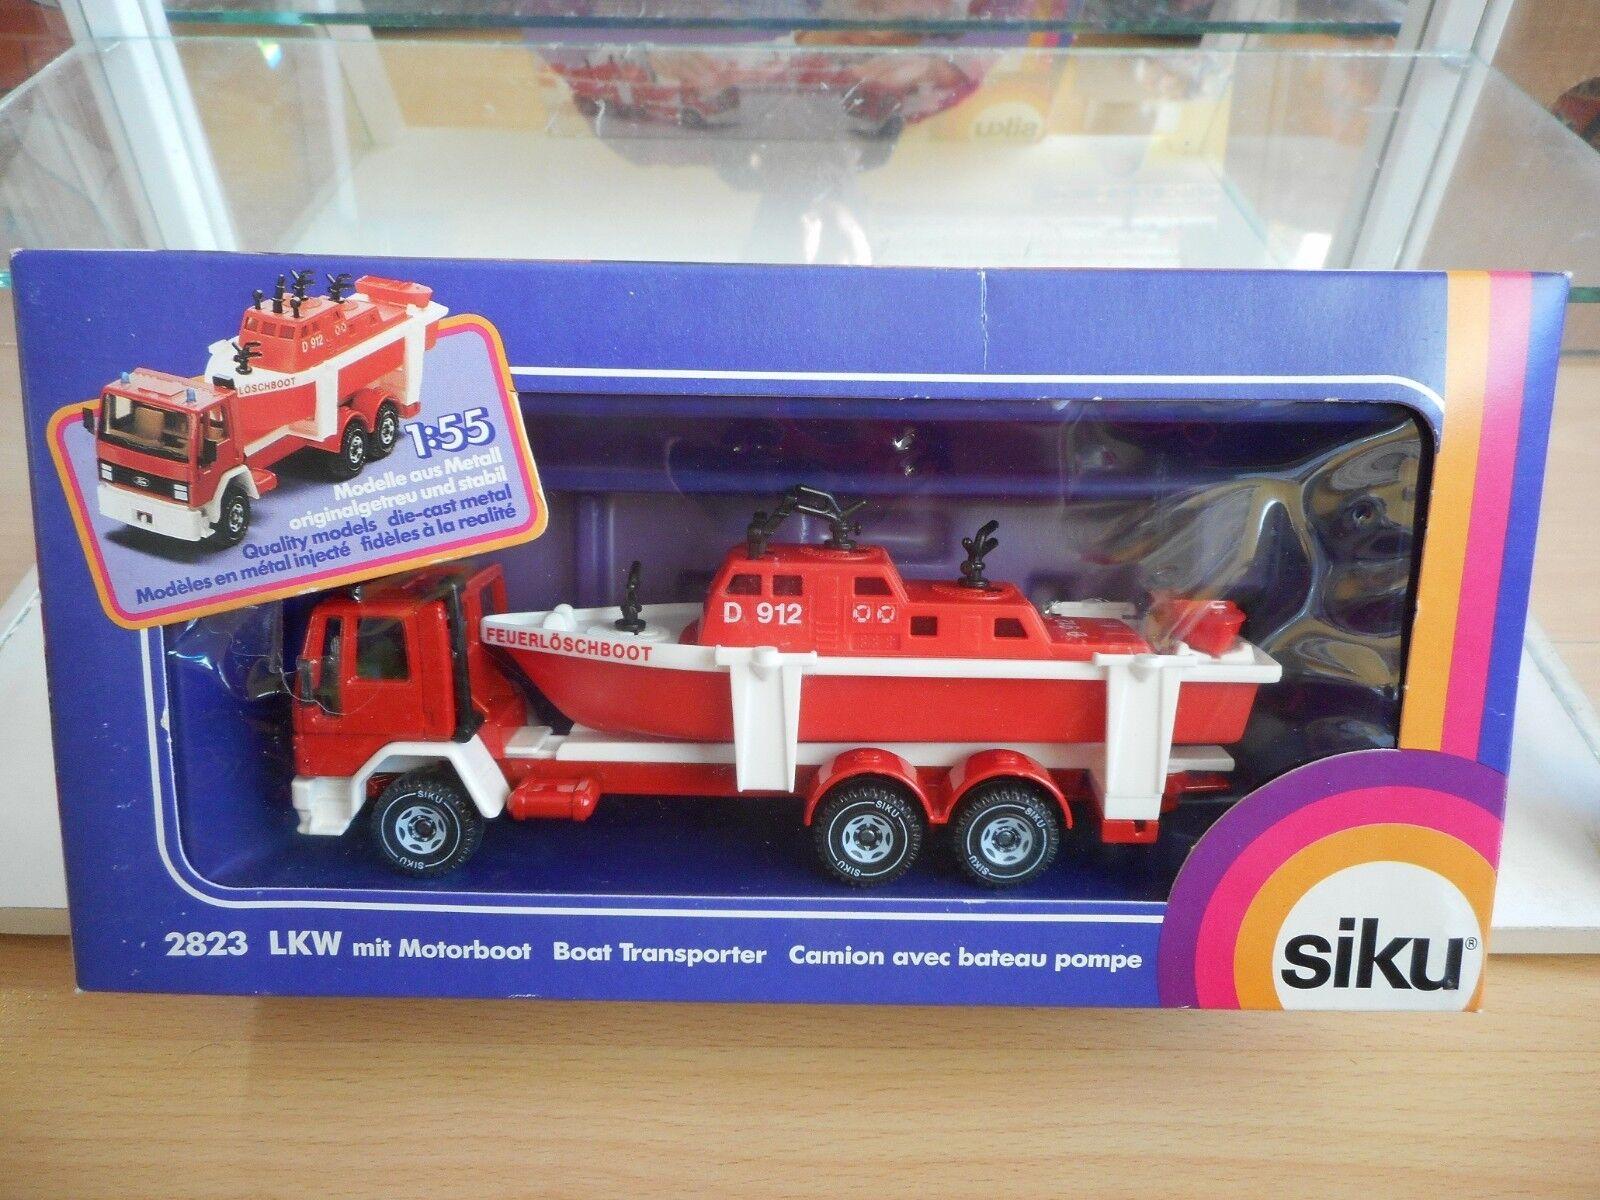 Siku Ford Cargo Fire Fire Fire brigade + Boat in Red White in Box (Siku nr  2823) 0ff6d6